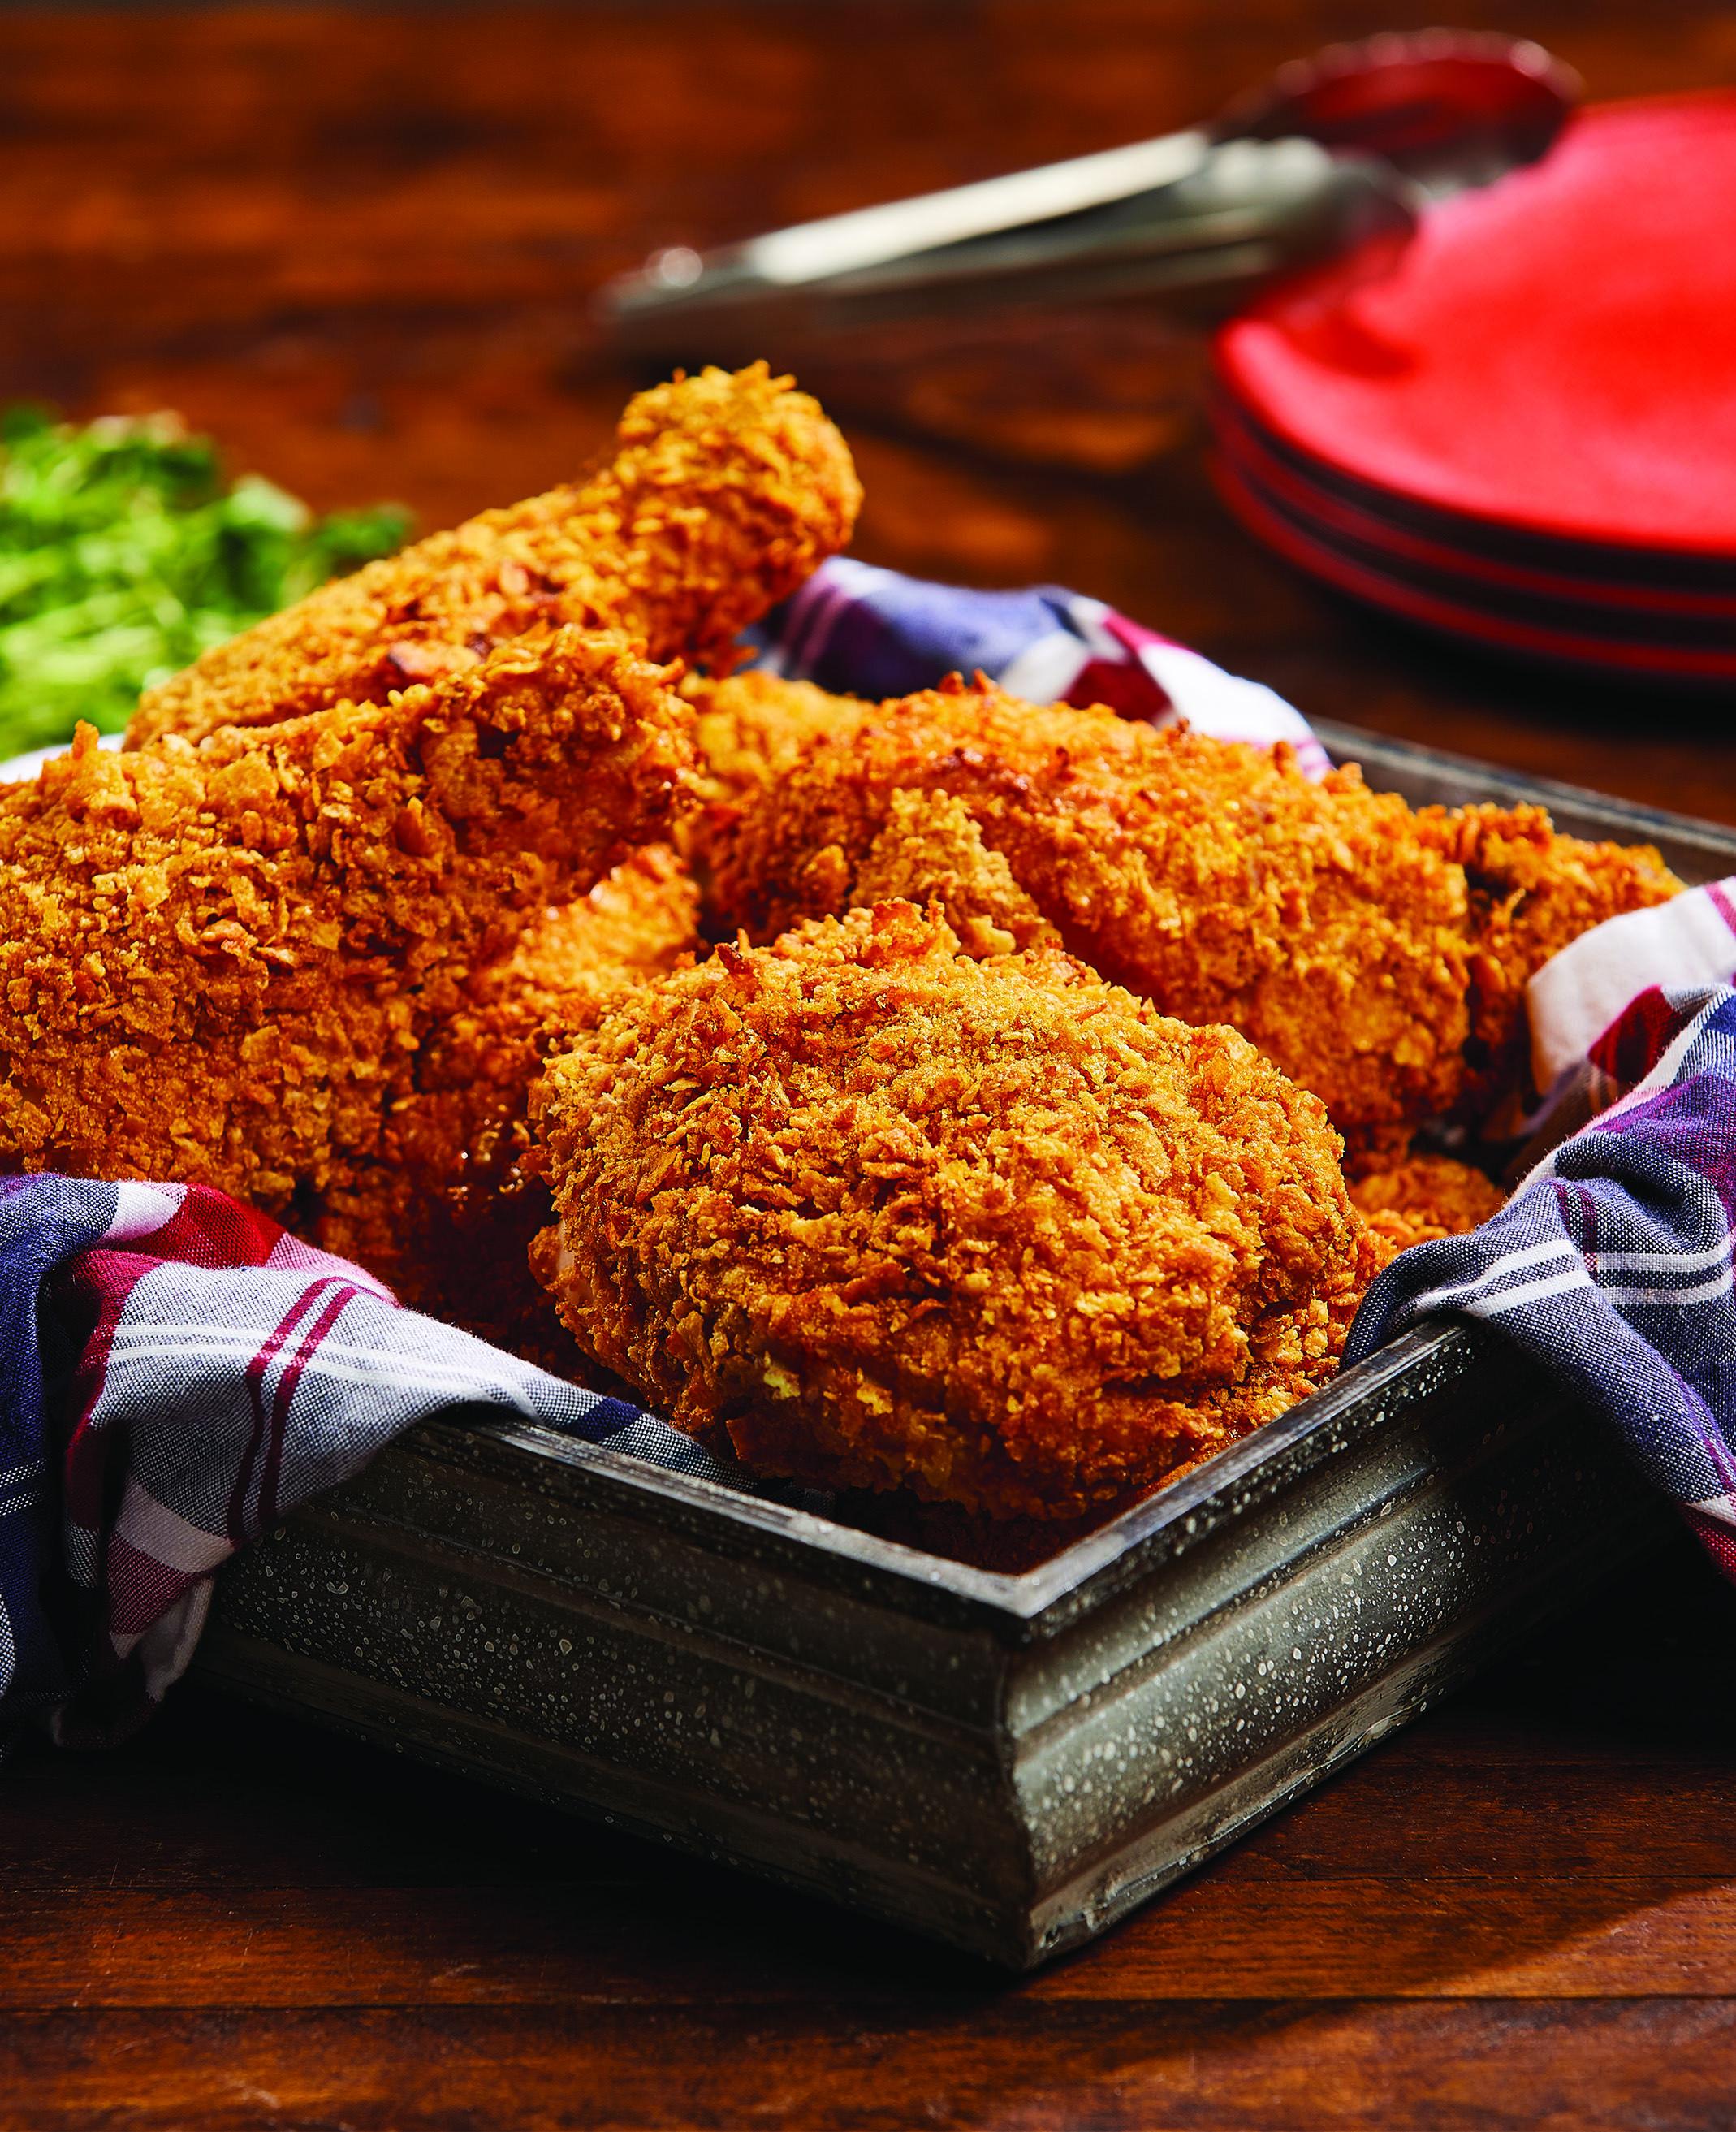 Buttermilk Fried Chicken Recipe Air Fryer Recipes Chicken Air Fryer Dinner Recipes Air Fryer Fried Chicken